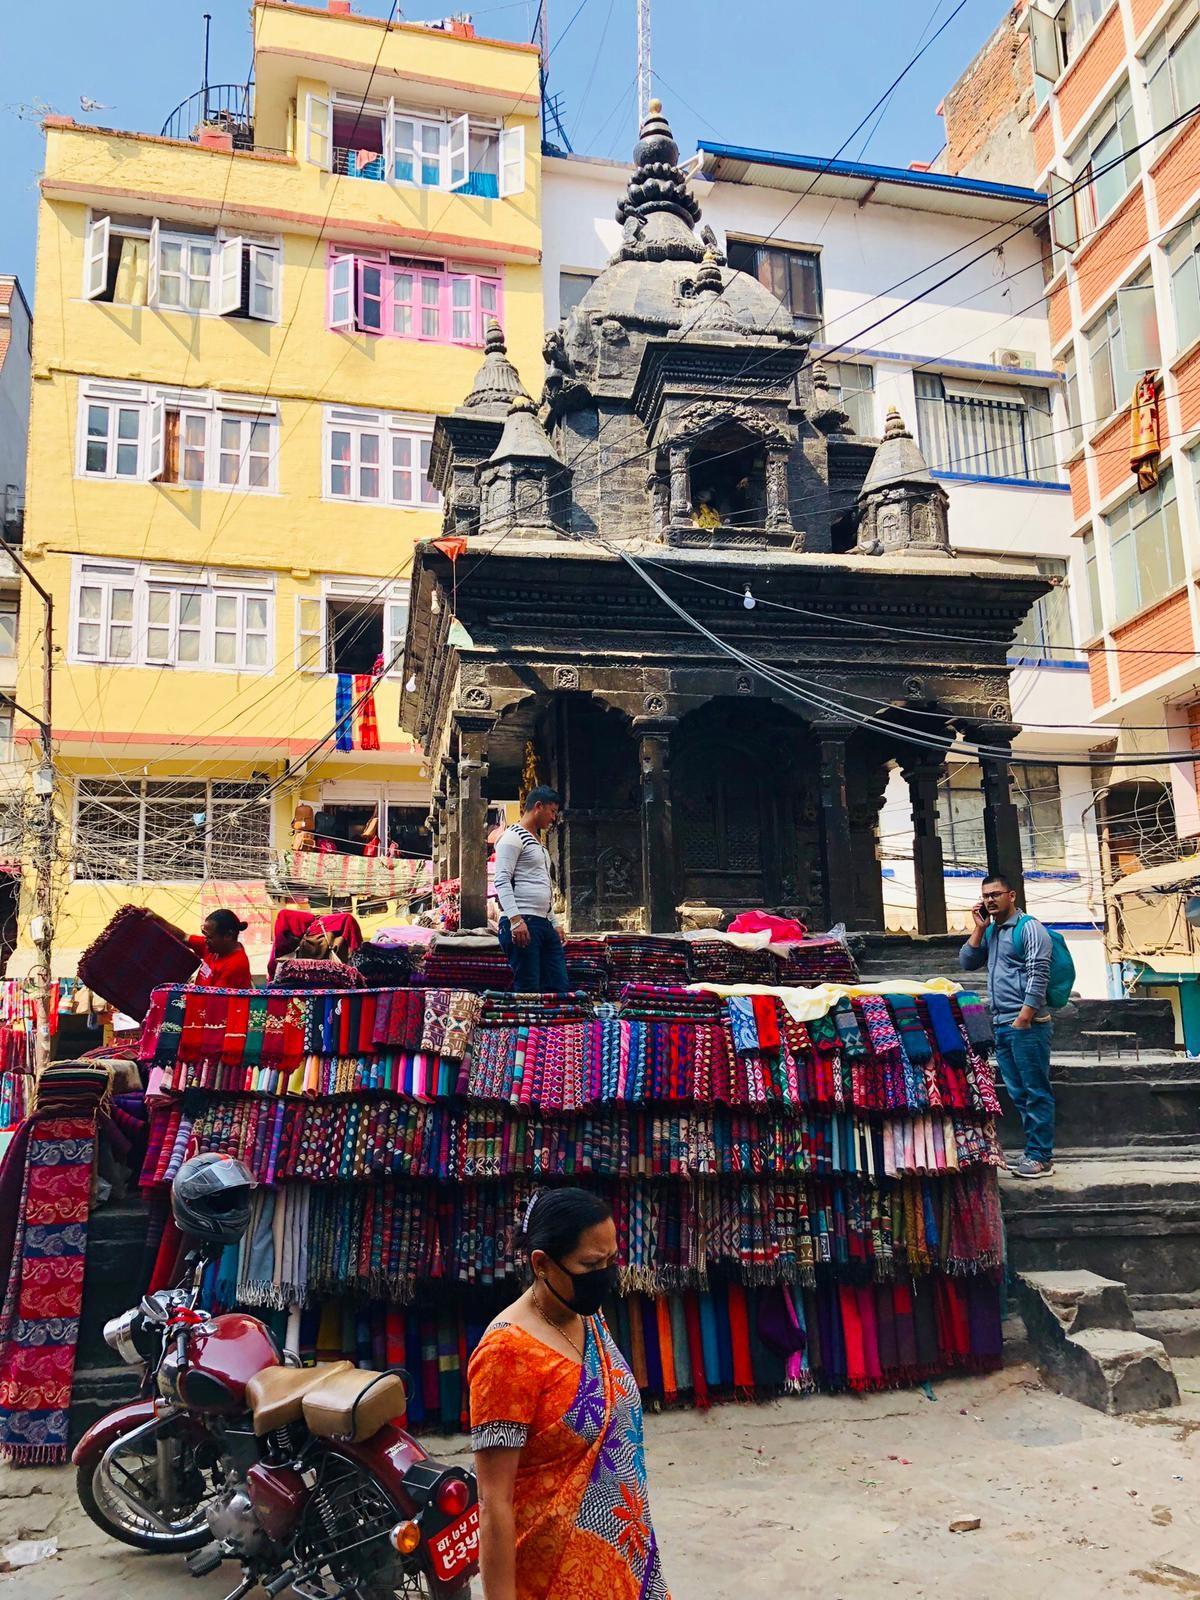 viaggio-in-nepal-161bfa60ee7817d2cac2496